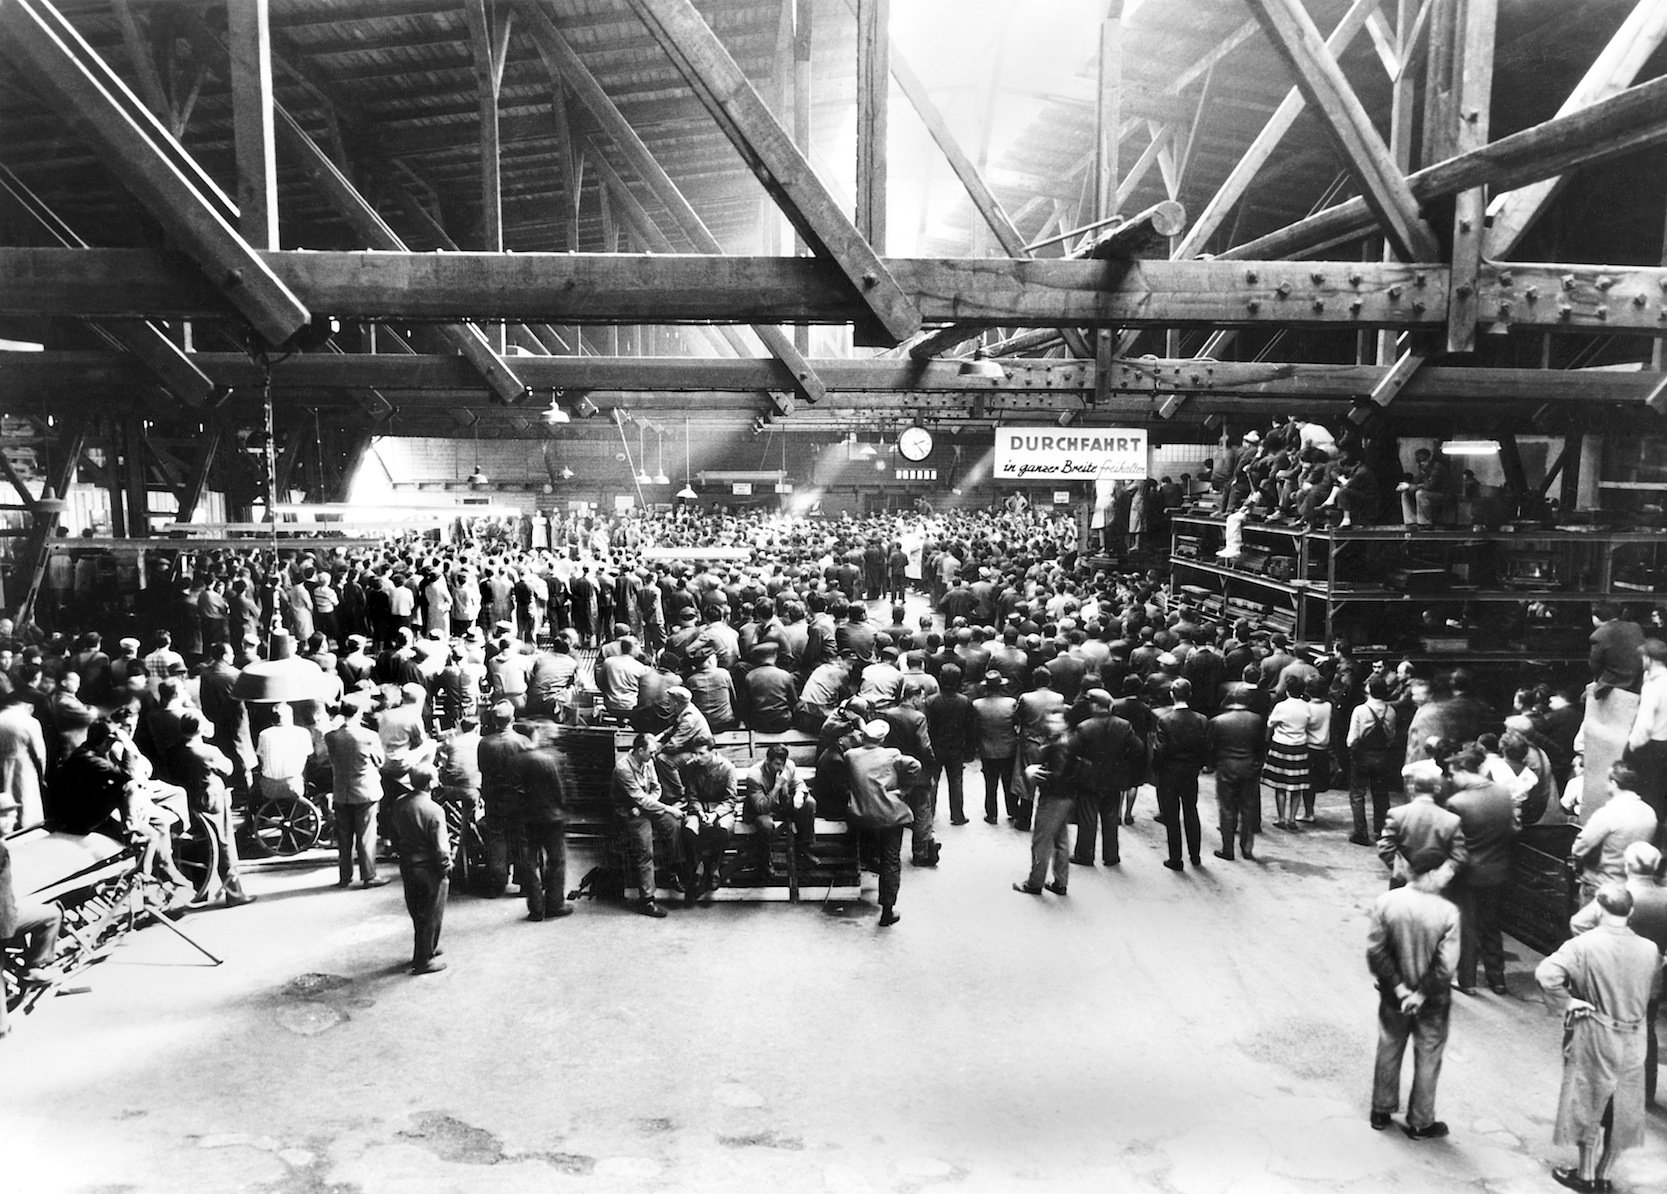 Übernahme des Werks Dingolfing des Landmaschinen- und Autoherstellers Glas im Jahr 1967: Glas baute unter anderem das Goggomobil.